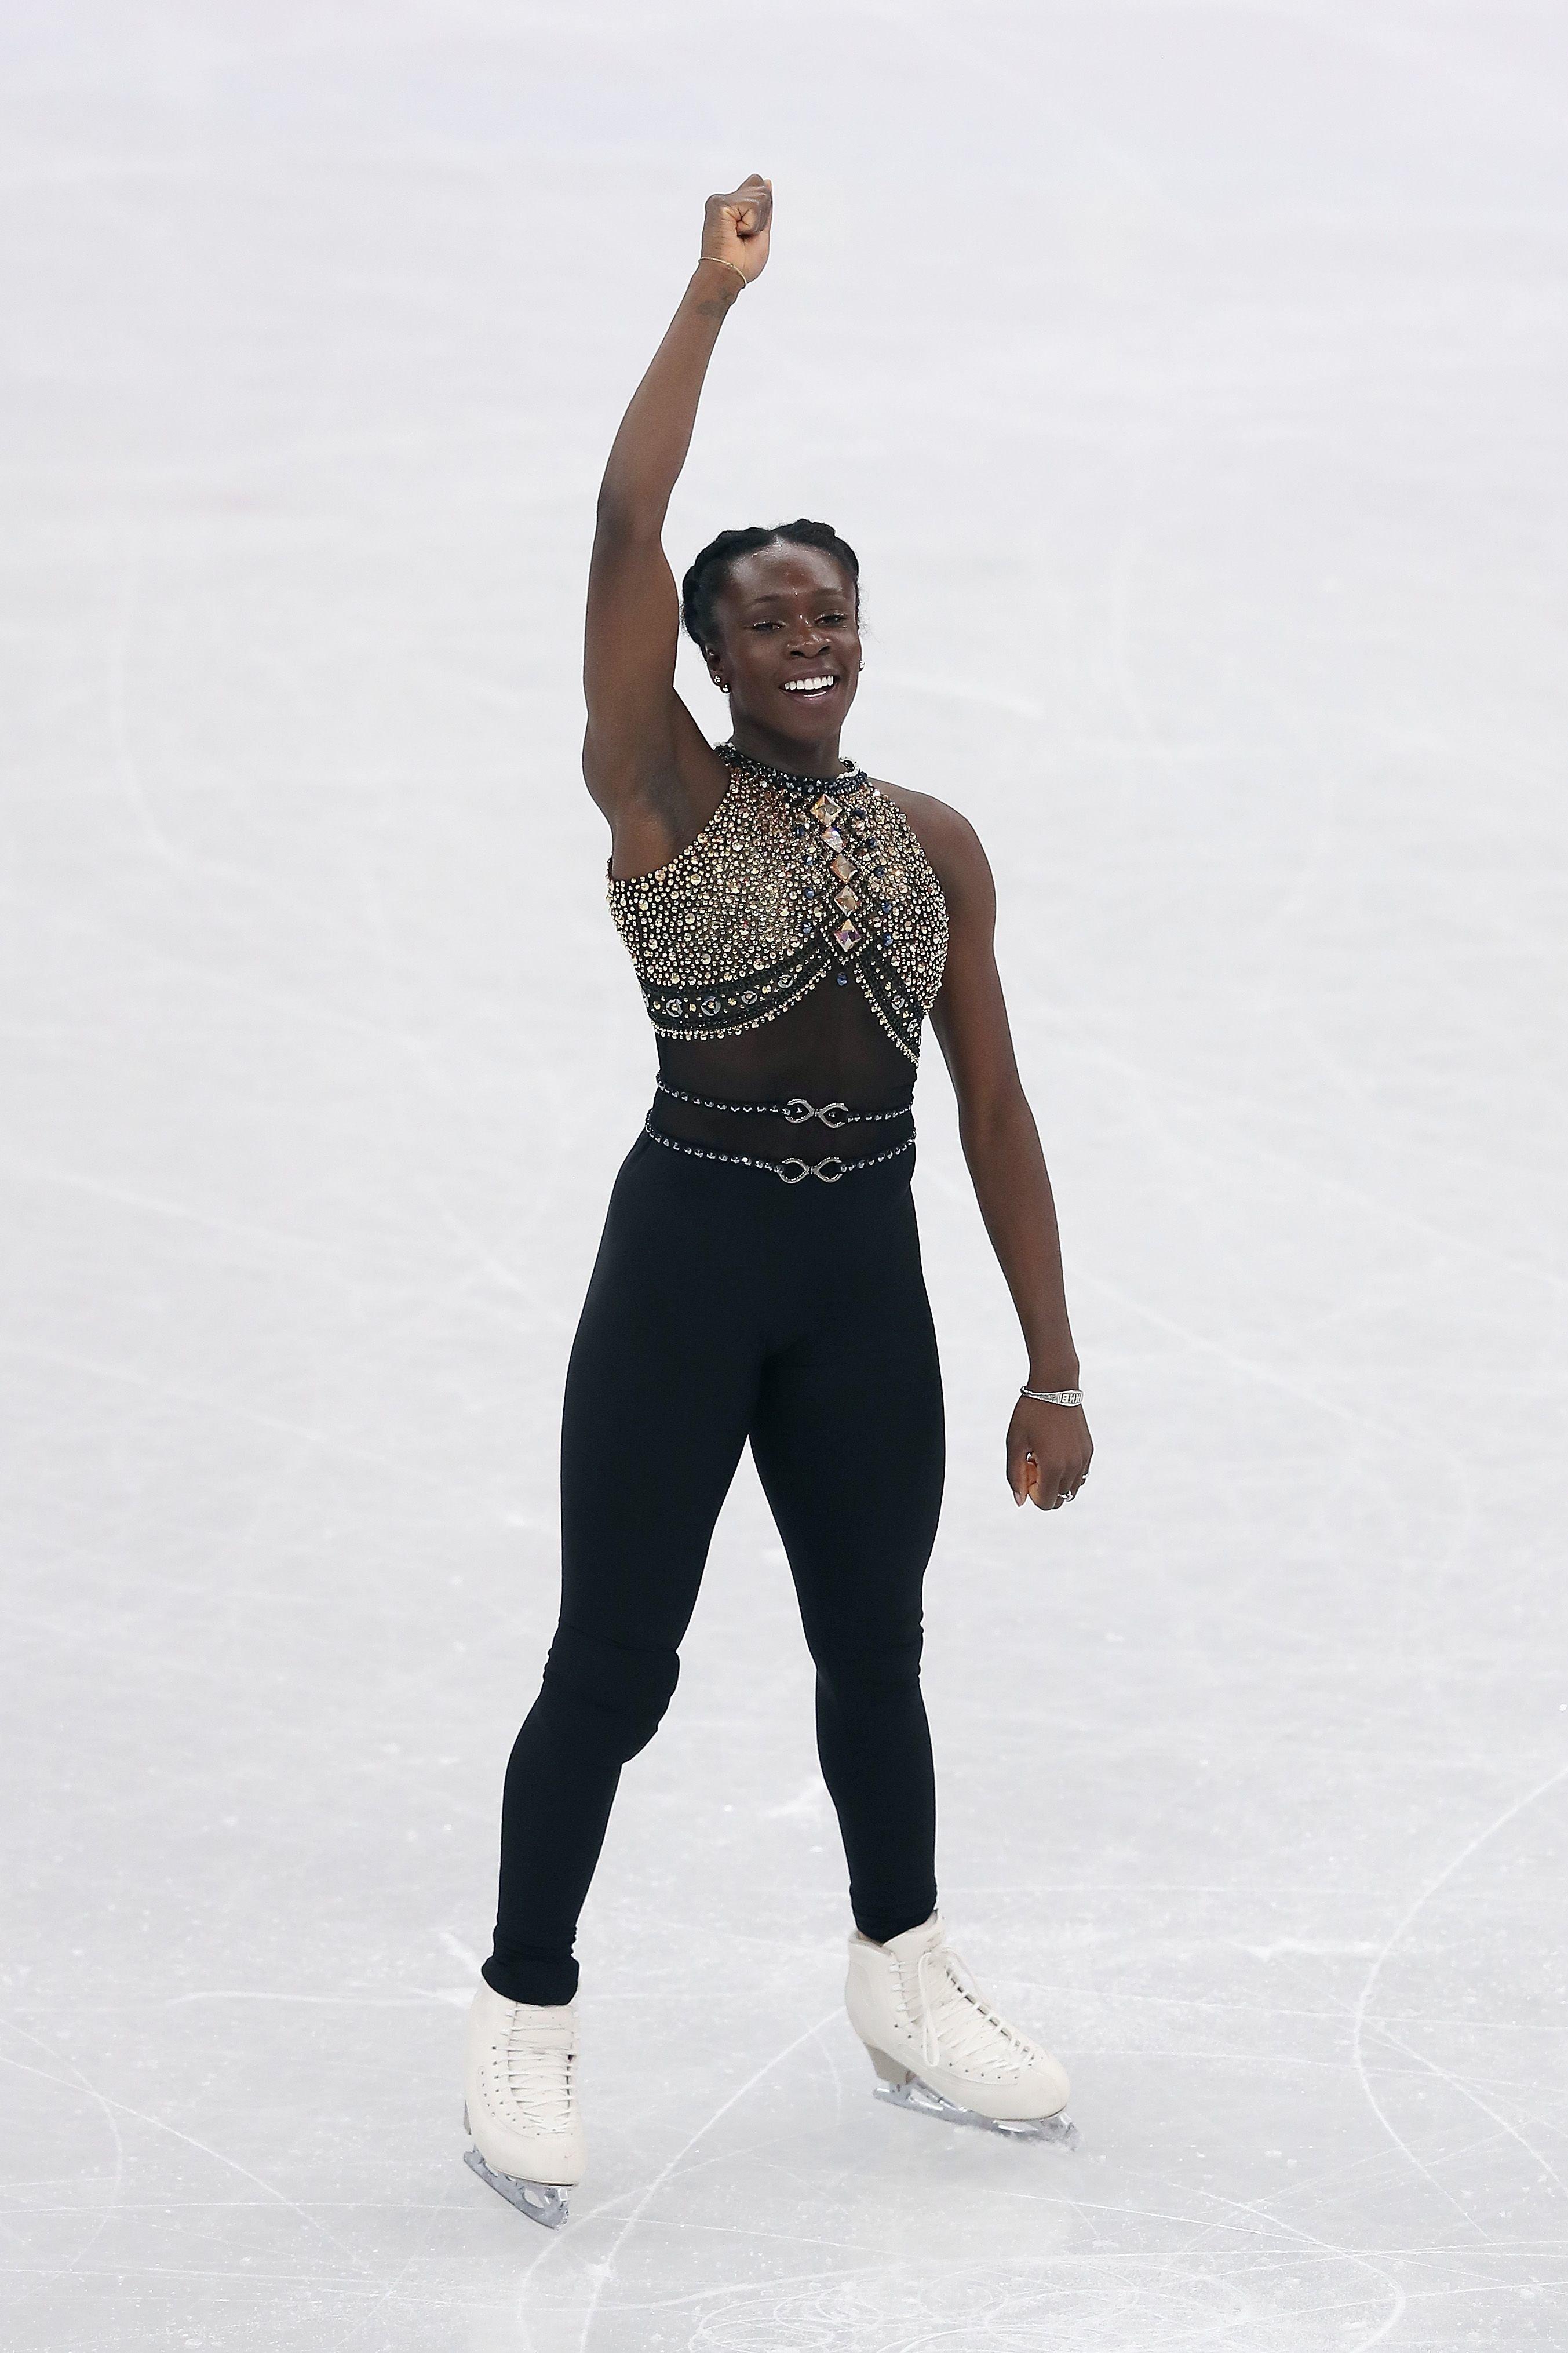 Maé-Bérénice Méité at the 2018 Winter Olympics on Feb. 11, 2018, in Gangneung, South Korea.